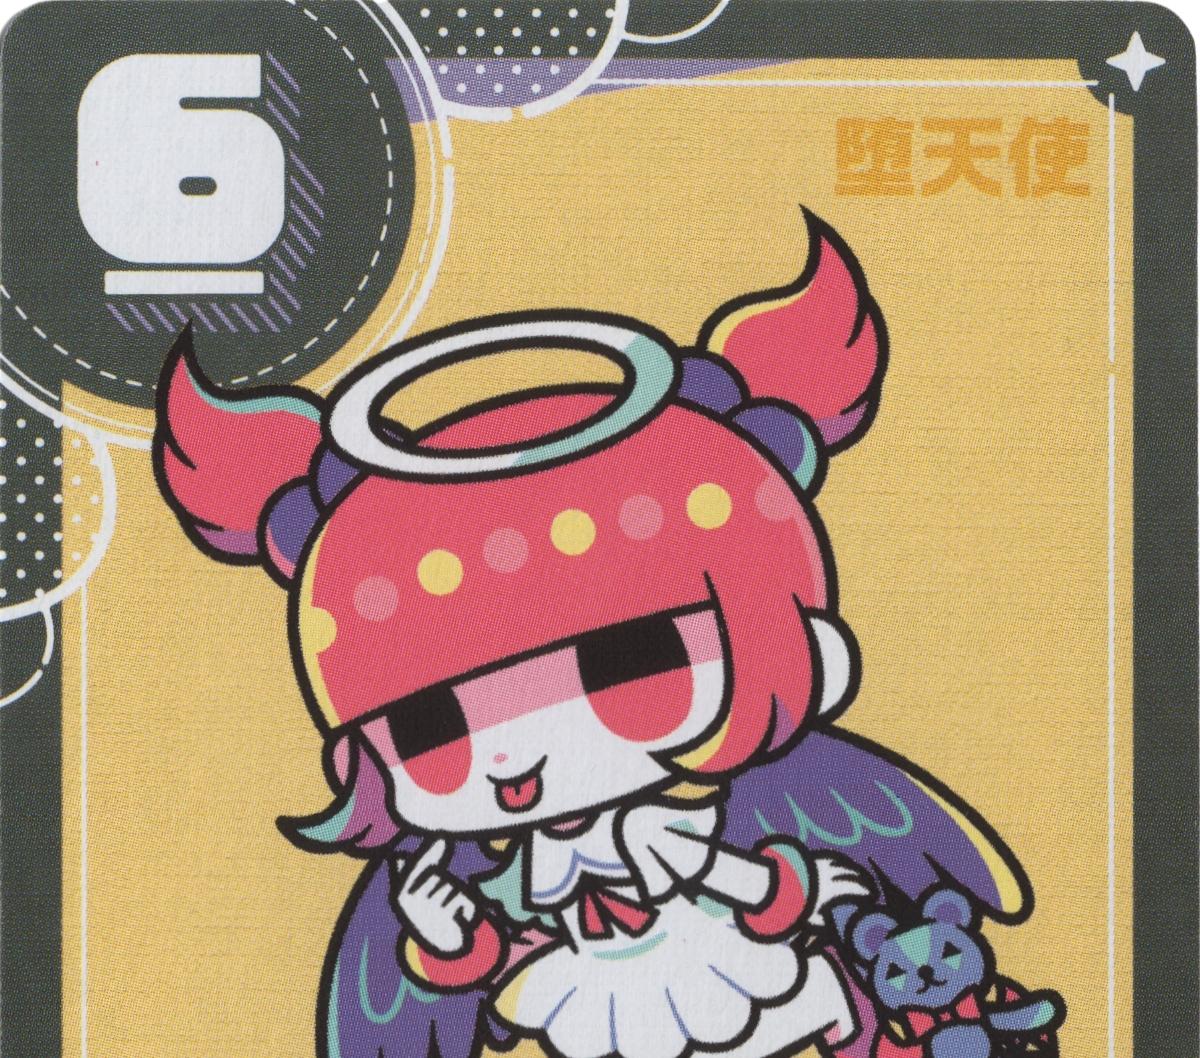 『ダブルナイン』堕天使